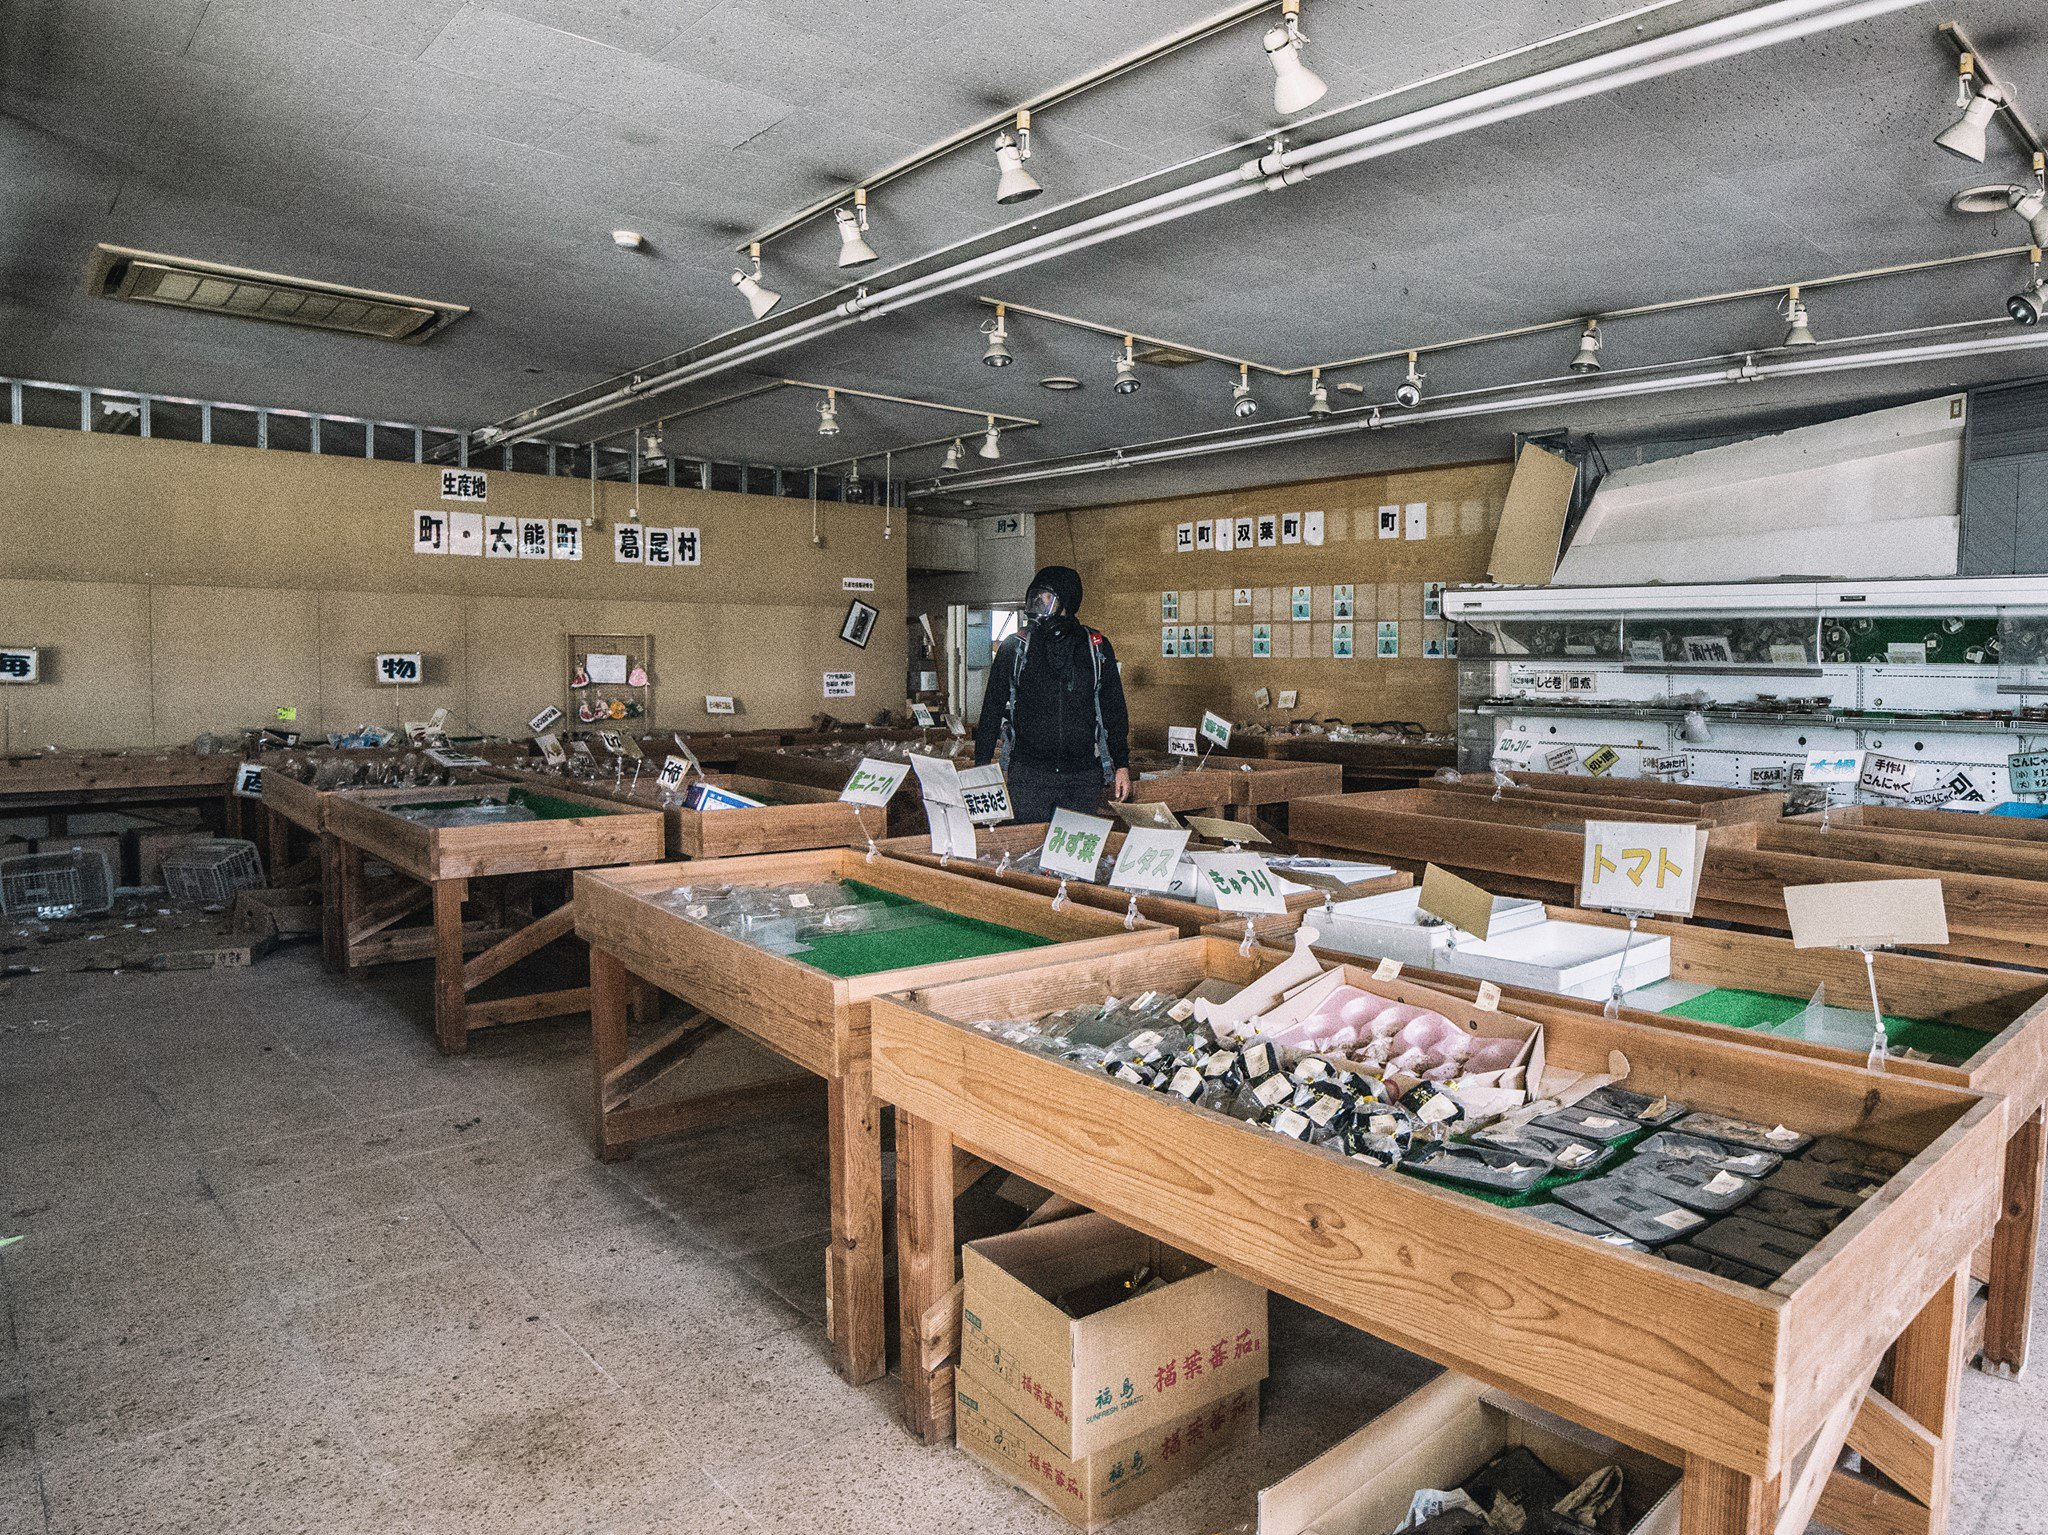 como es fukushima 5 años después del desastre 26